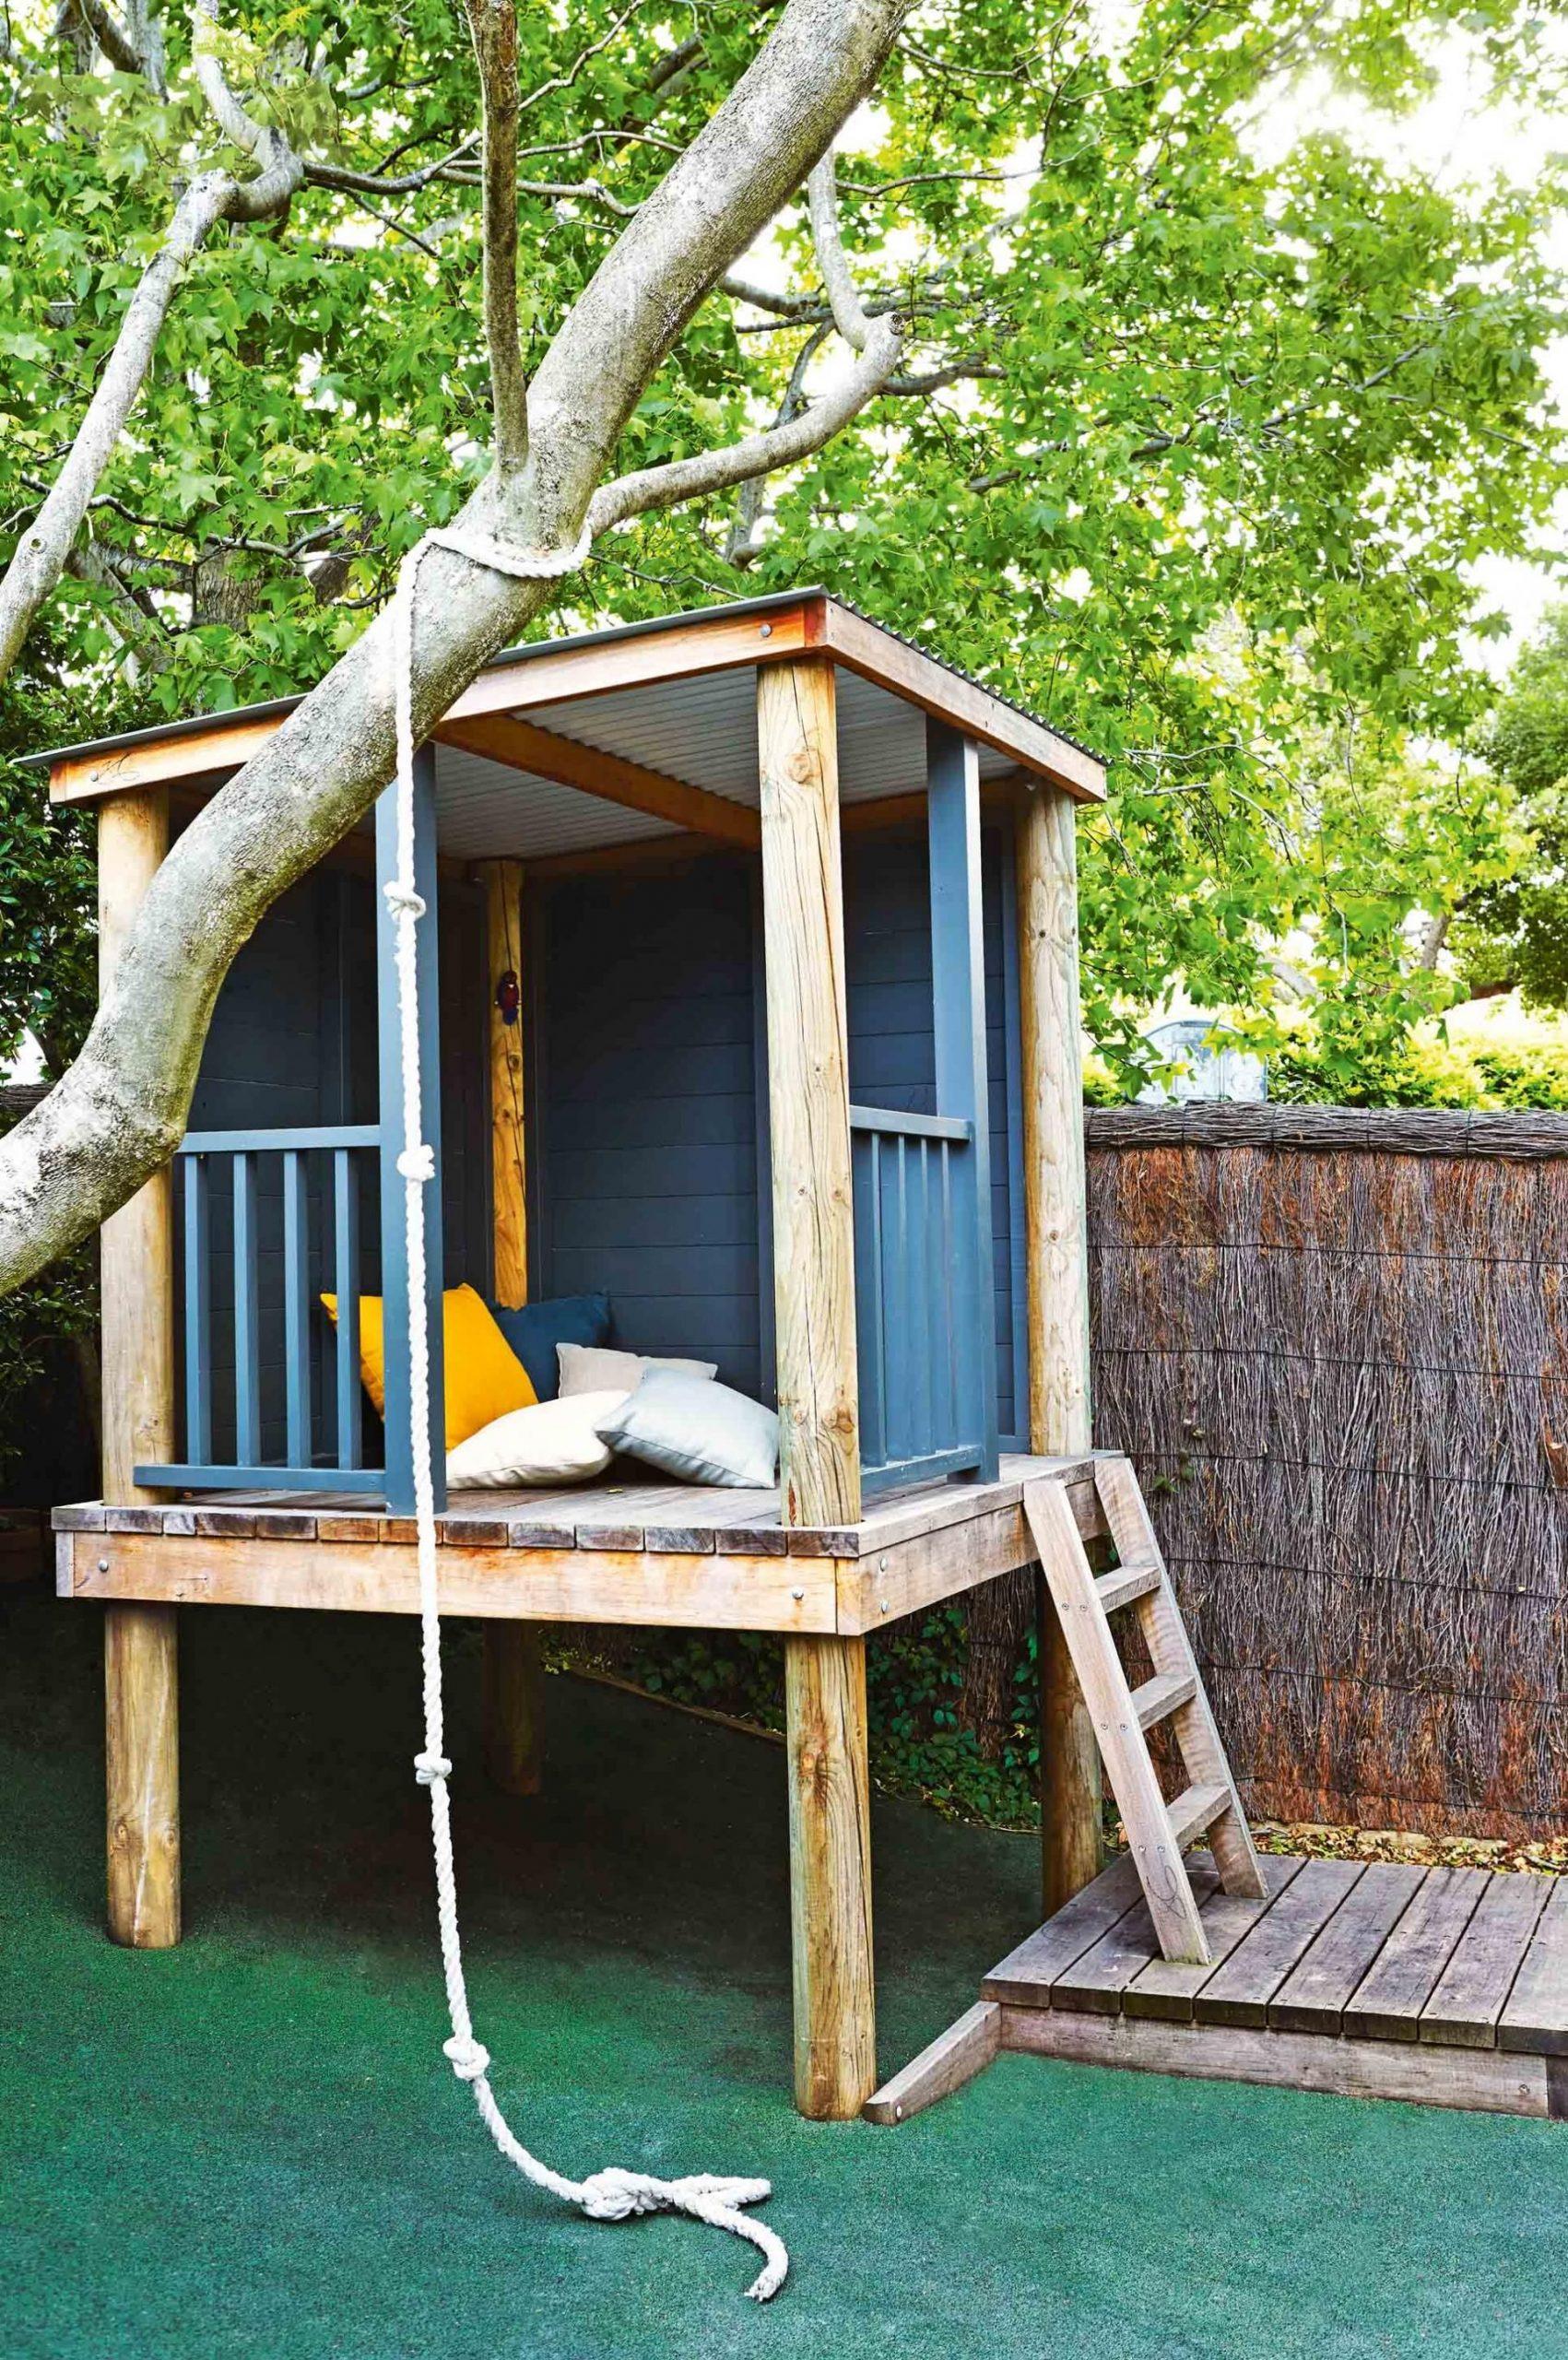 Cabane Pour Les Enfants, Coin Détente Pour Les Adultes ... encequiconcerne Maisonette Jardin Enfant